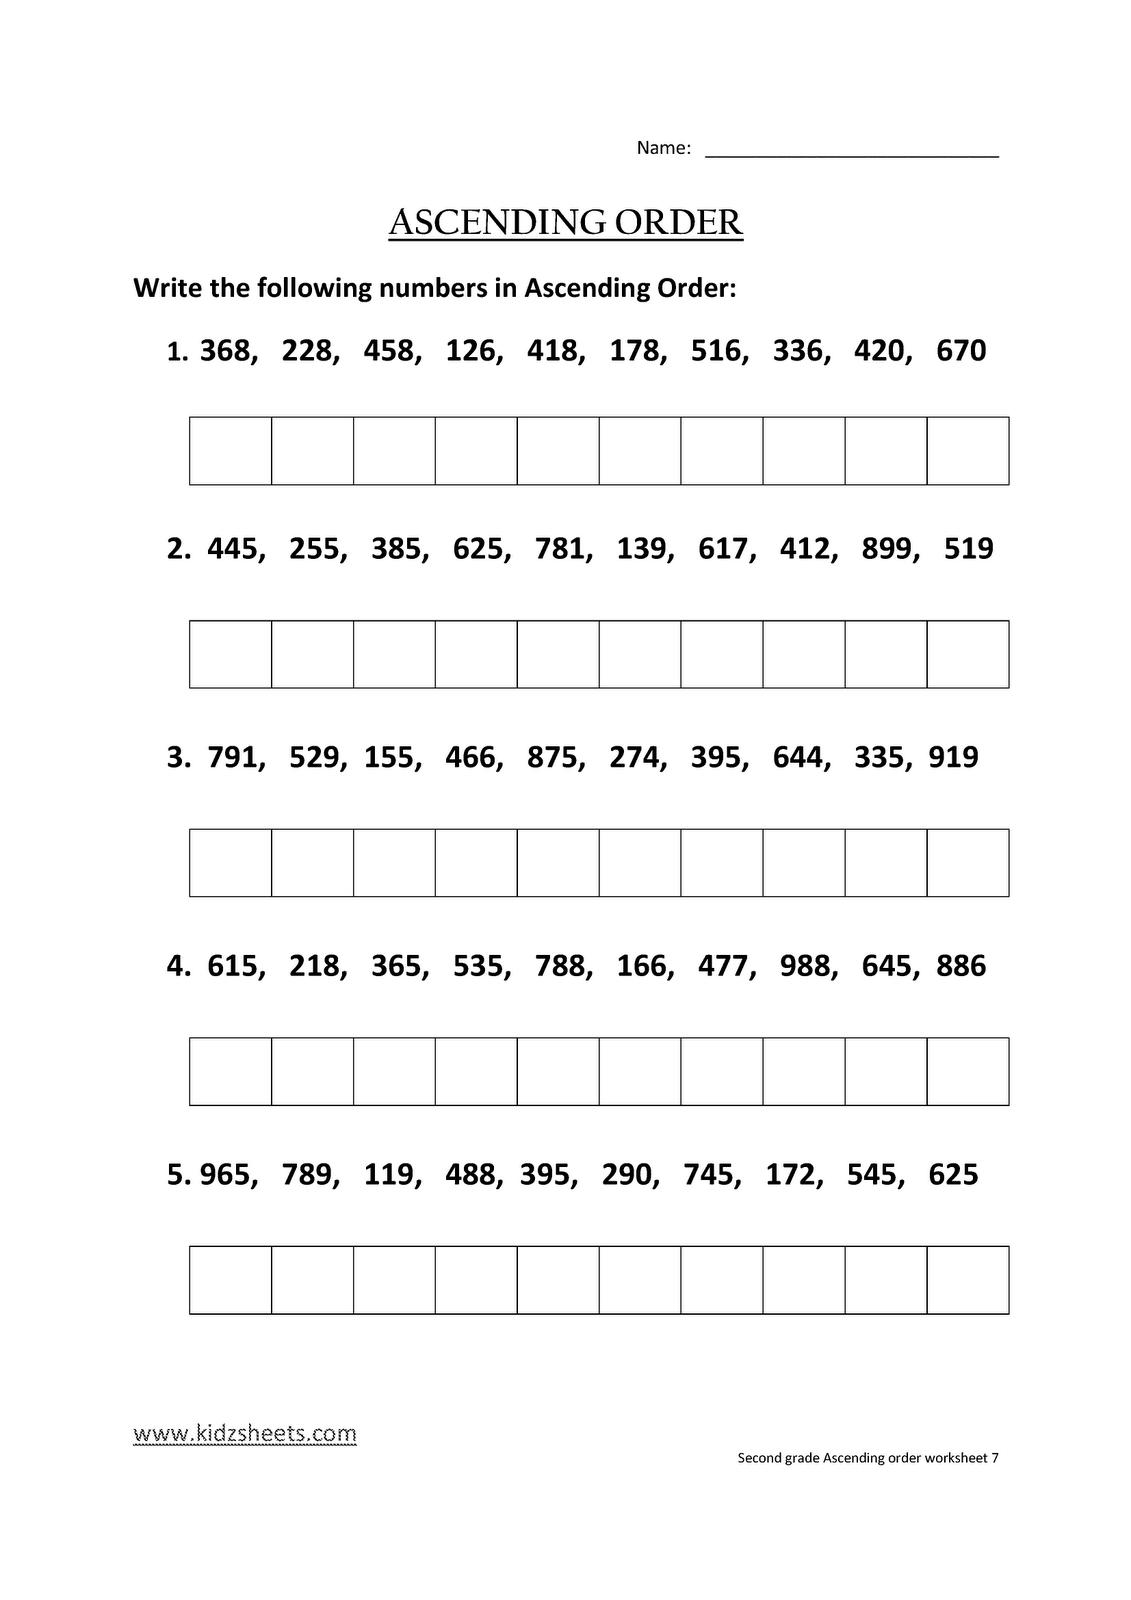 Kidz Worksheets Second Grade Ascending Order Worksheet7